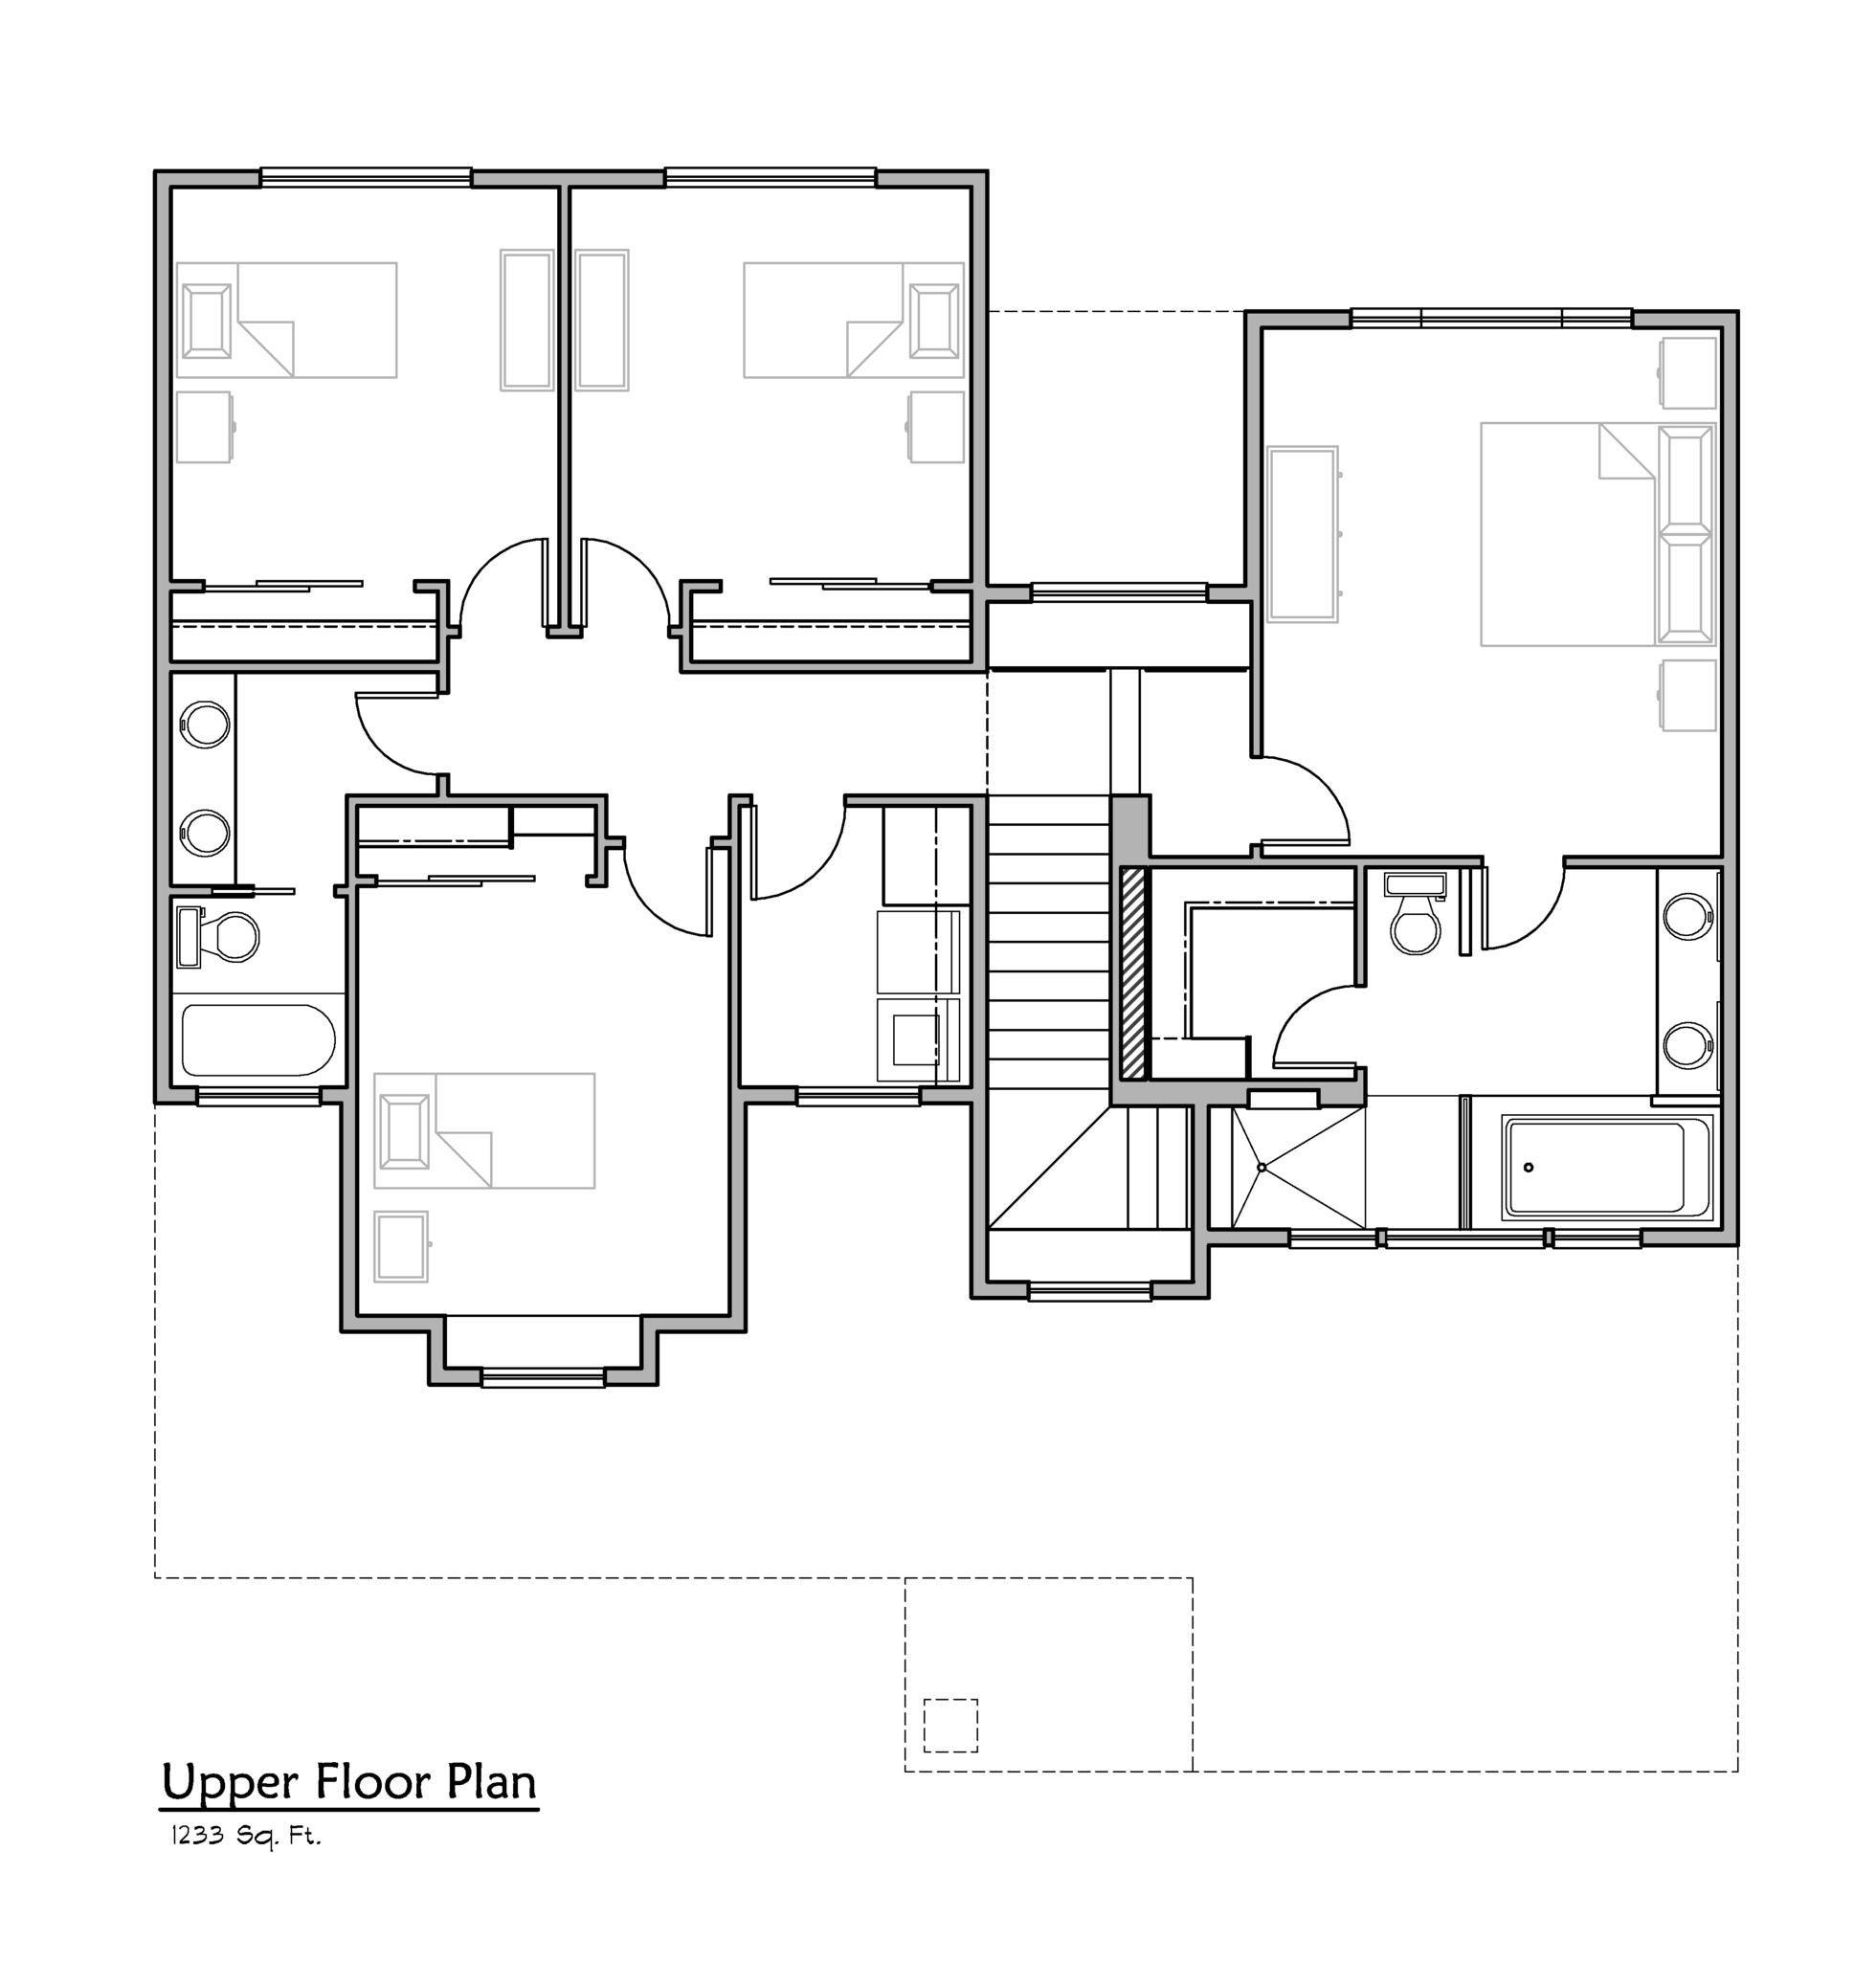 Upper Flr Plan 9-5-14.jpg